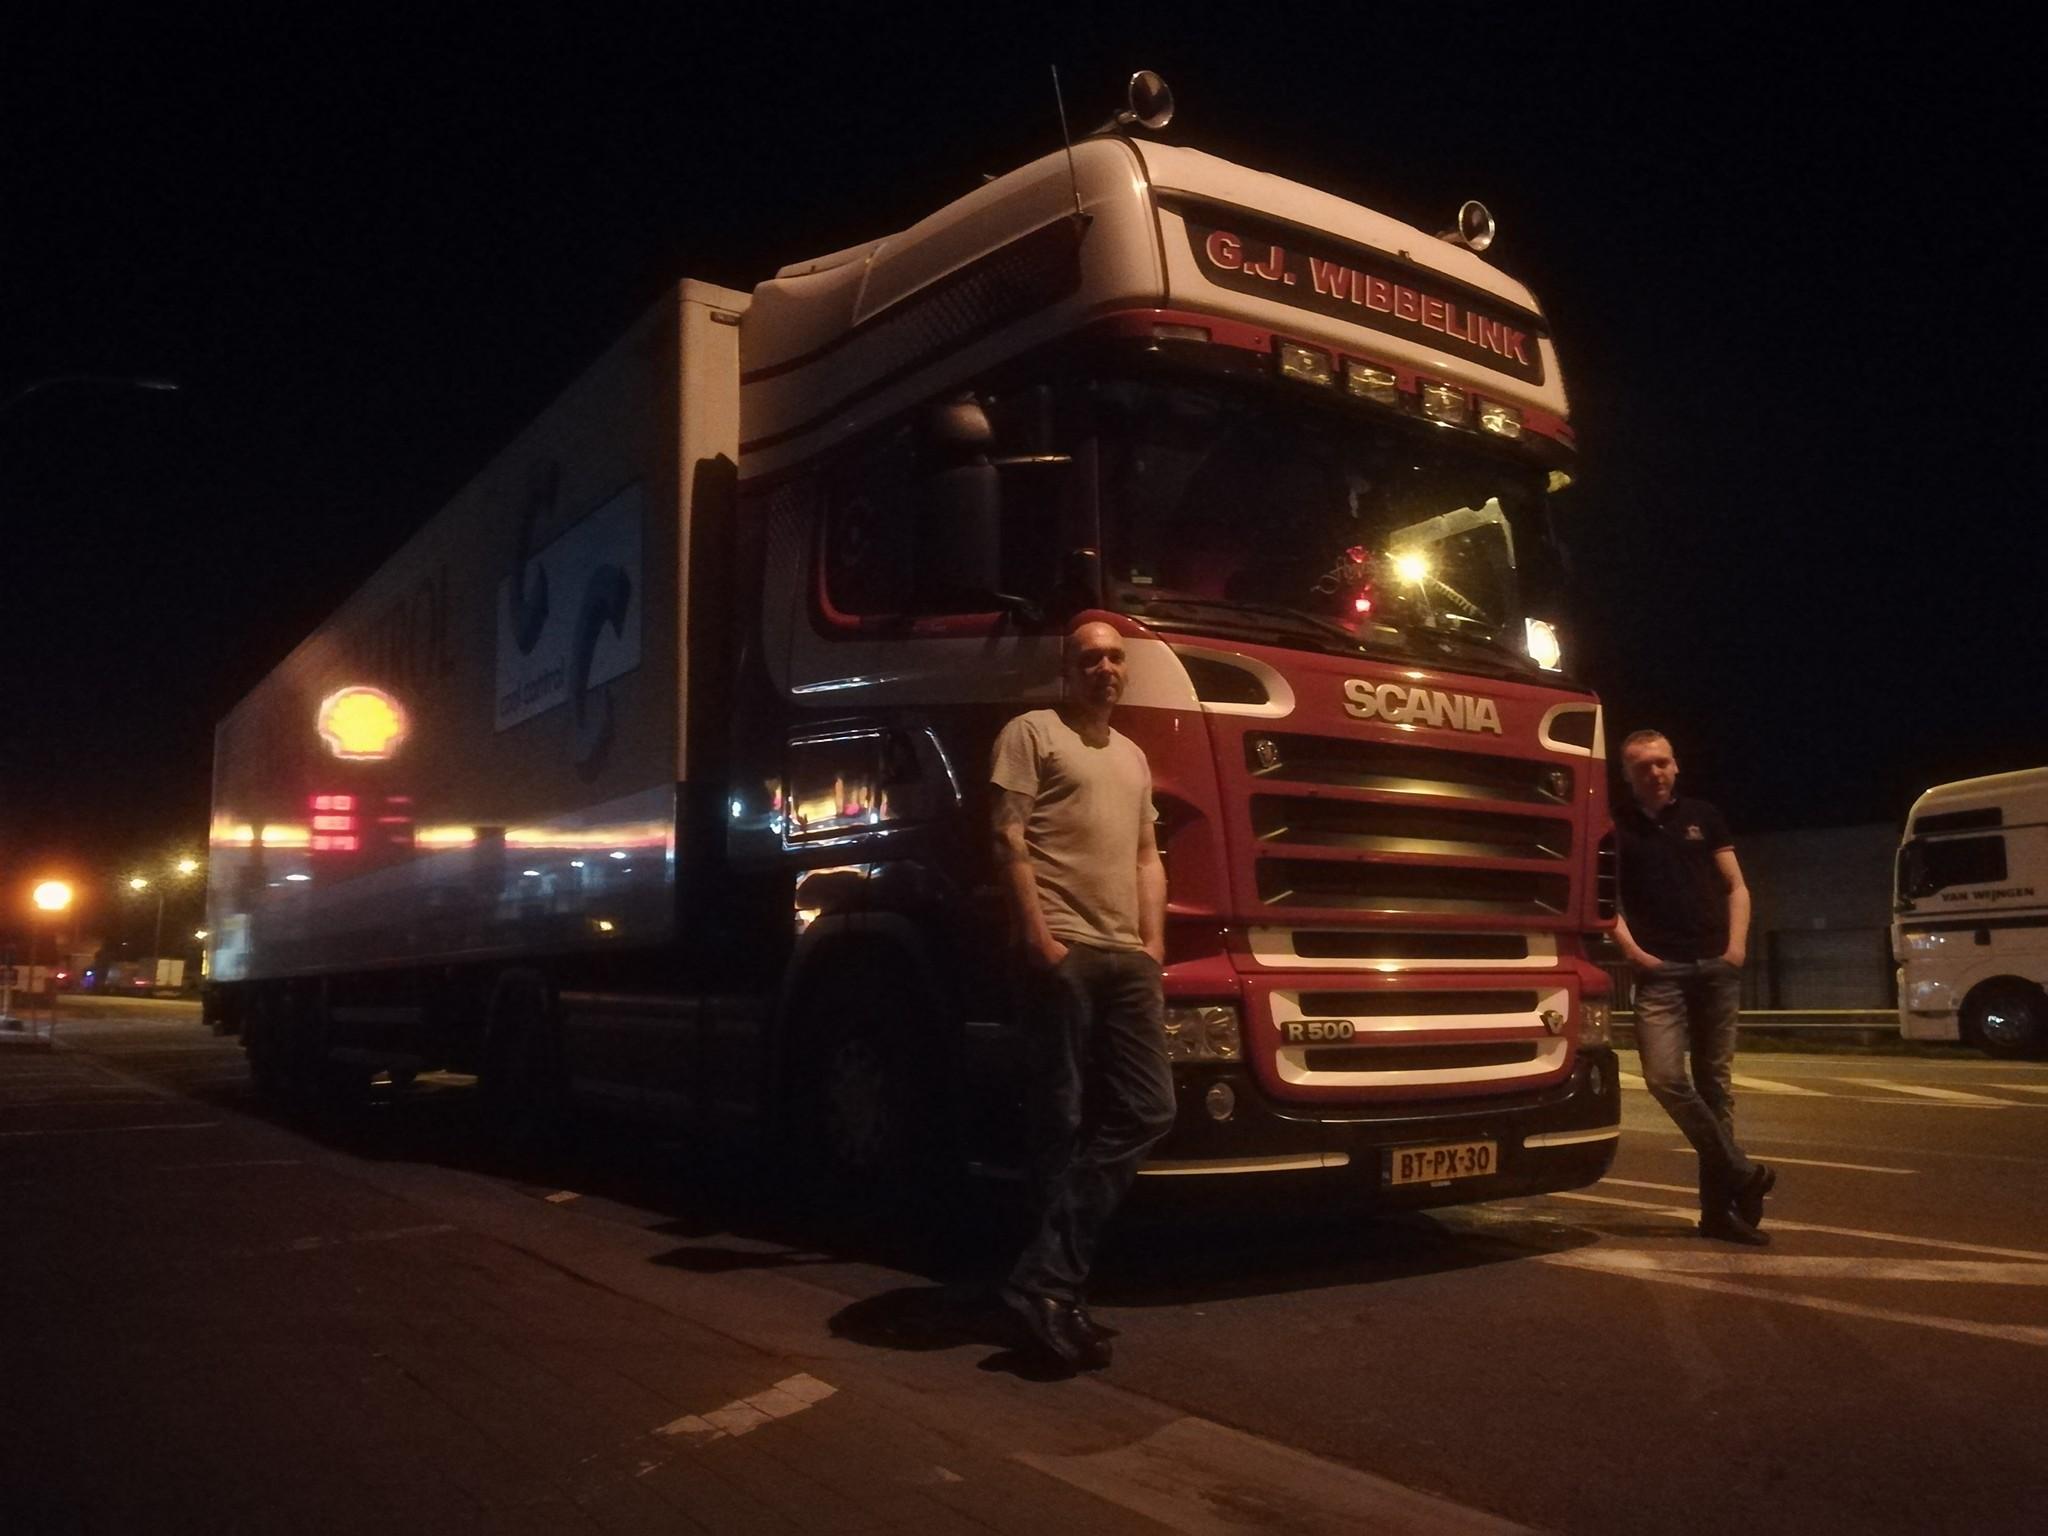 Scania-R-500-samen-voor-de-scania